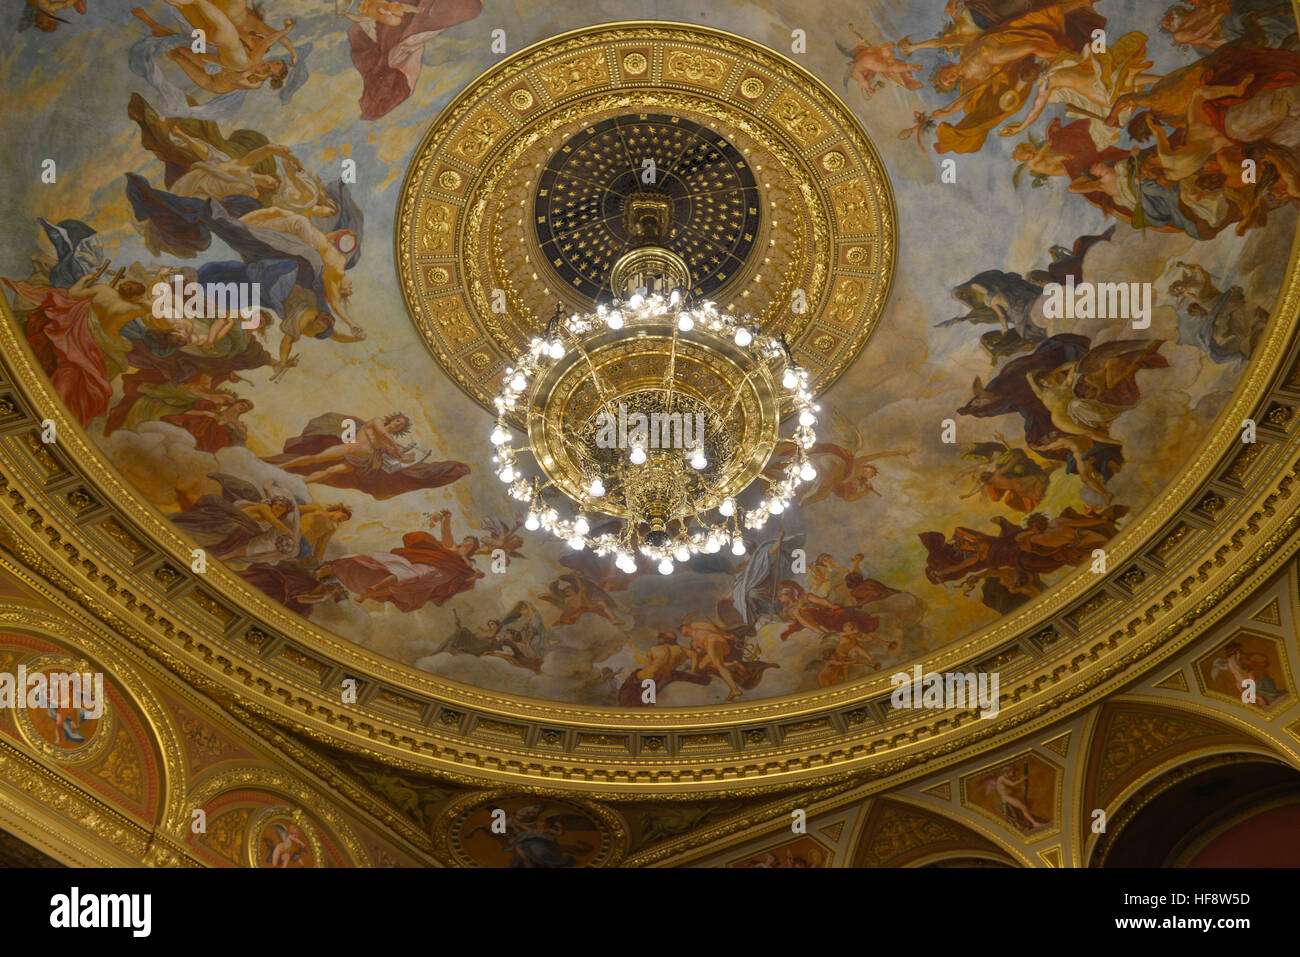 Decke, Innenraum, Staatsoper, Andrassy ut, Budapest, Ungarn, Cover, interior, state opera, Hungary - Stock Image